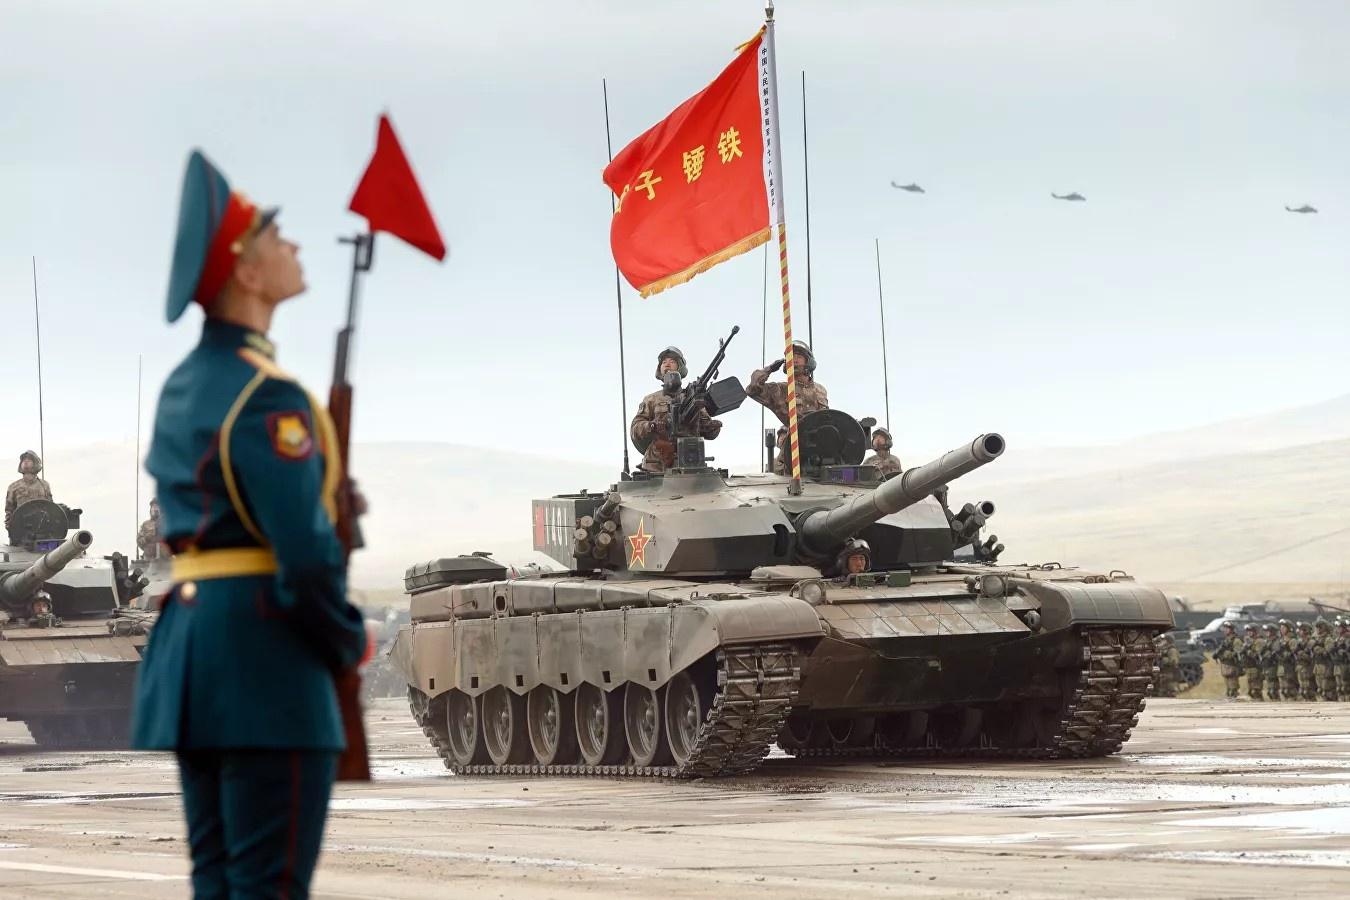 Вместе с Китаем Россия вообще способна загнать США на их собственный континент.